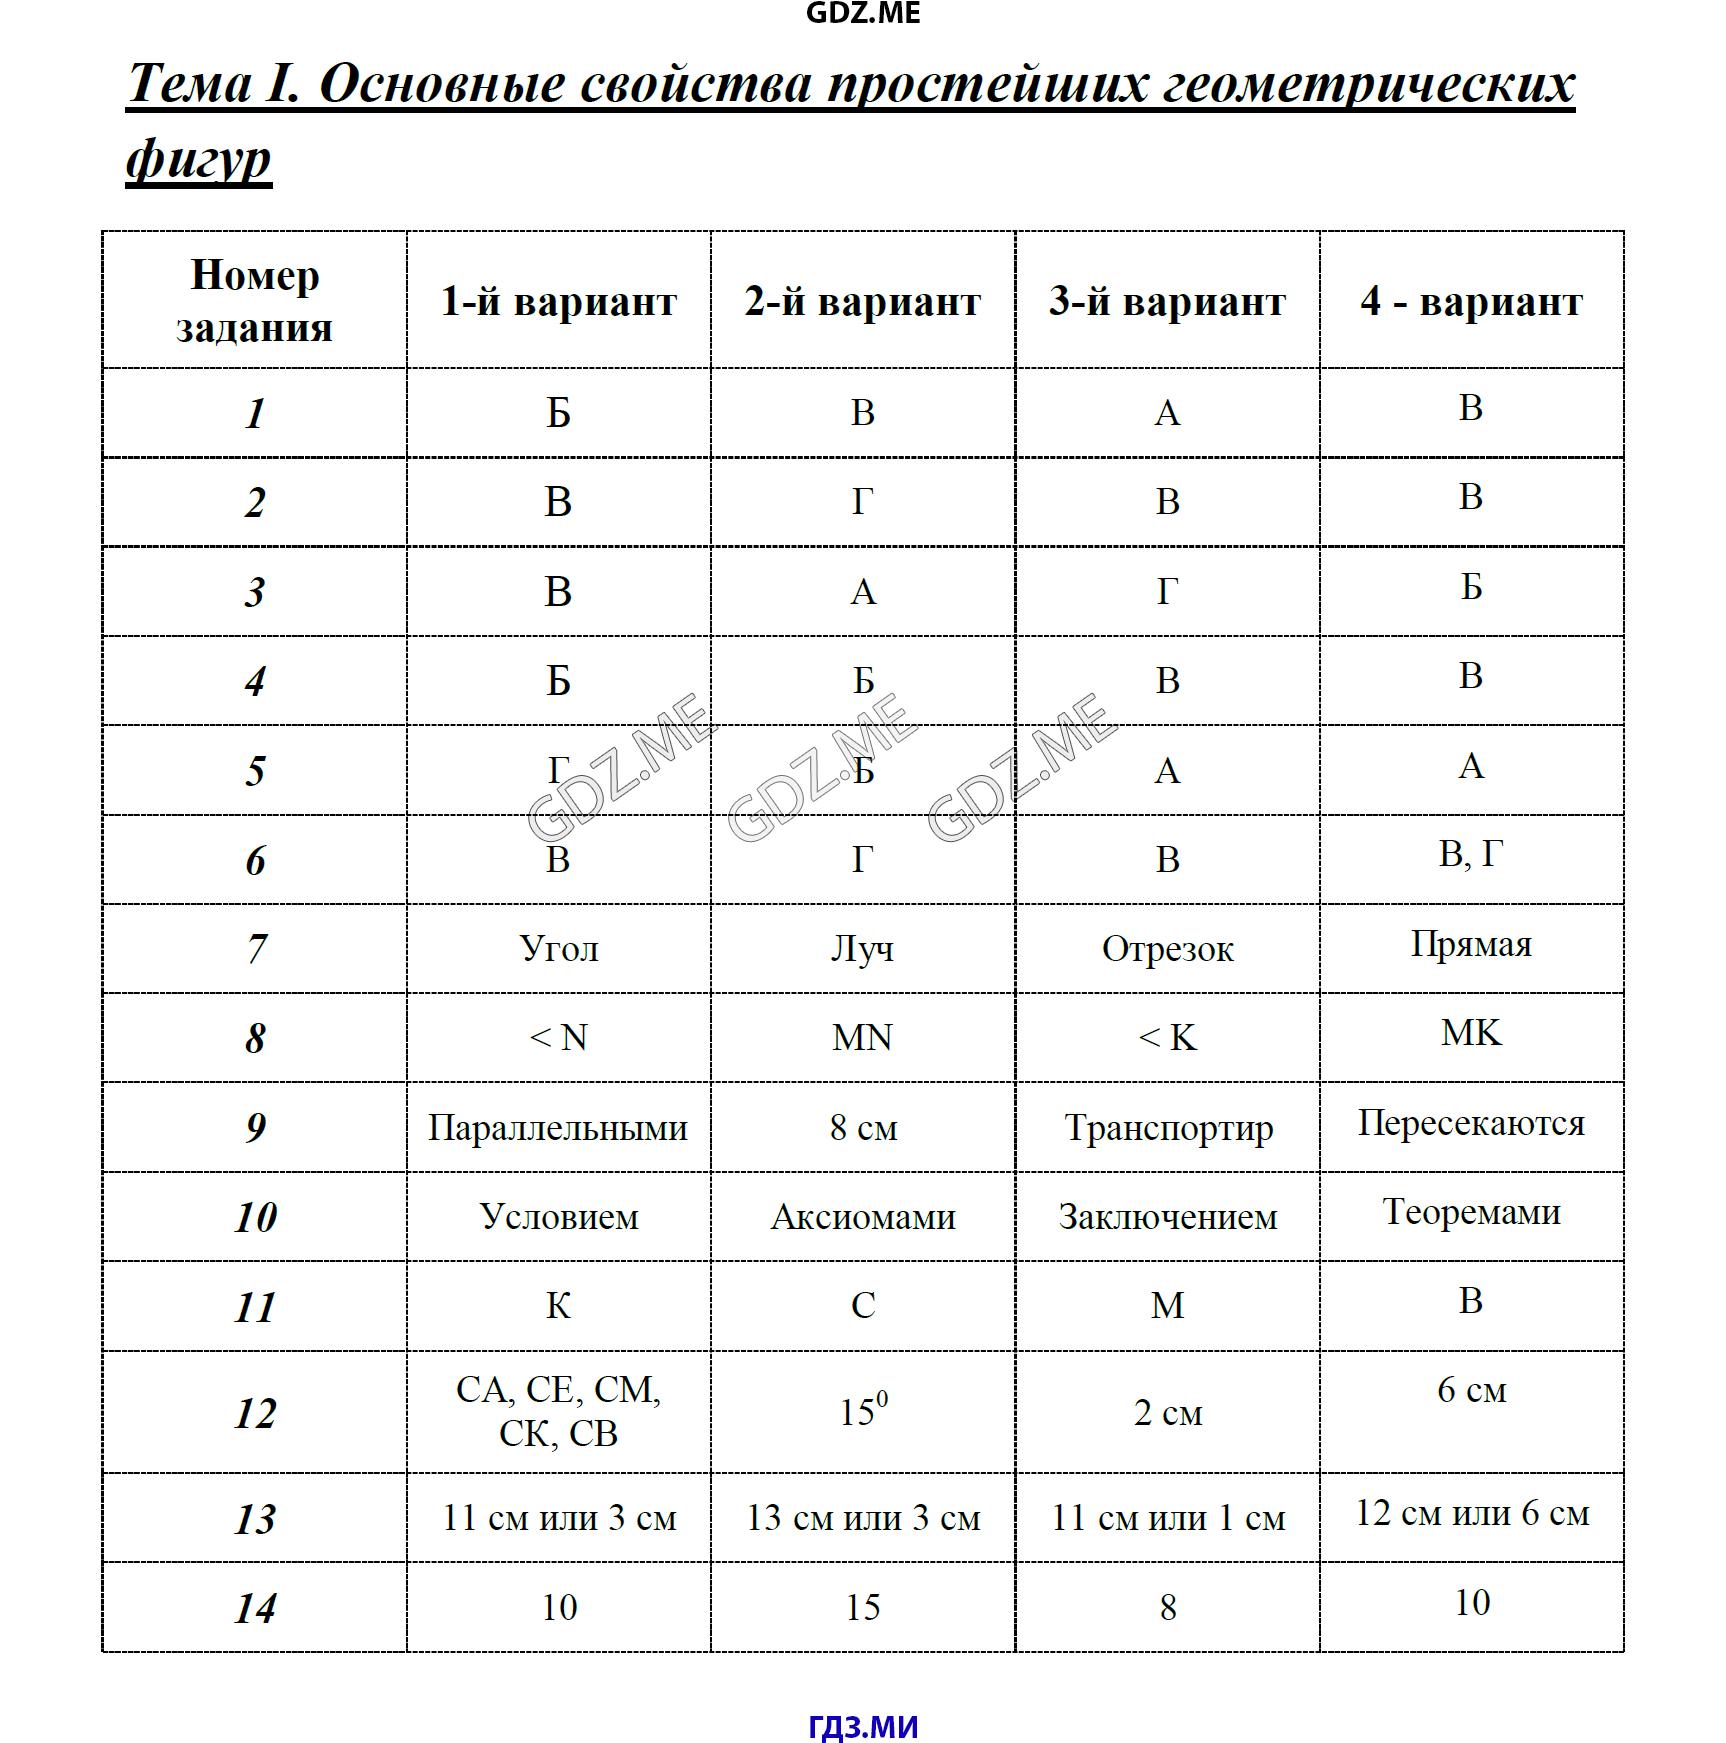 ответы на тесты по геометрии 8 класс белицкая часть 2